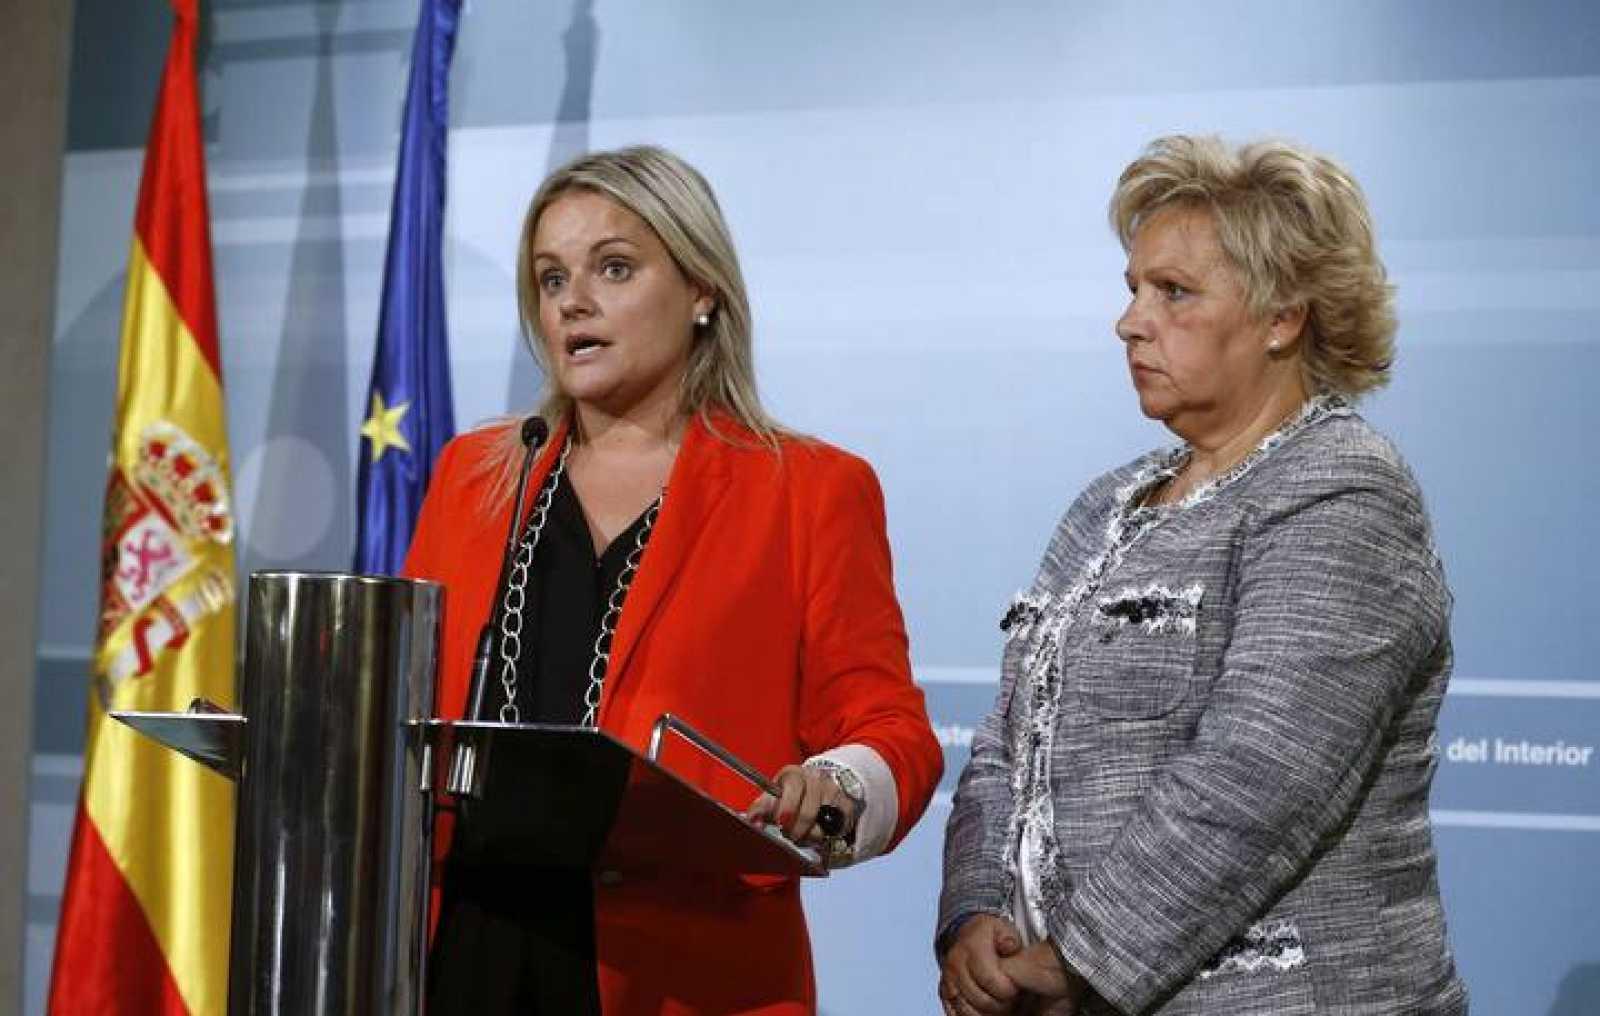 Mari Mar Blanco y Ángeles Pedraza, tras reunirse con los ministros de Justicia e Interior.